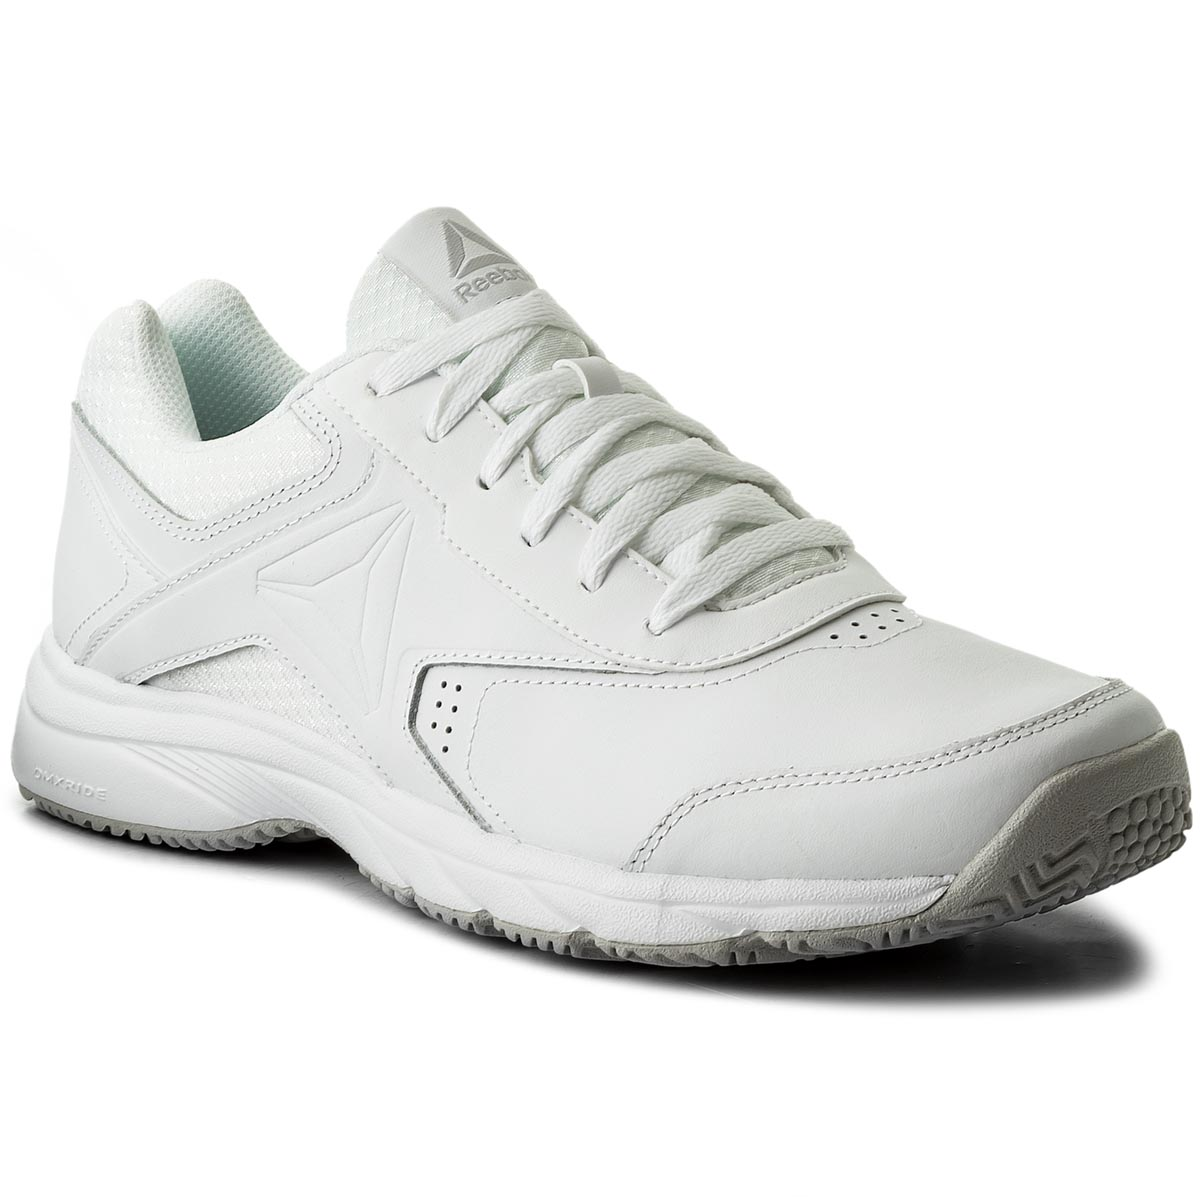 Pantofi Reebok - Work N Cushion 3.0 BS9523 White Steel - Glami.ro d108143d7